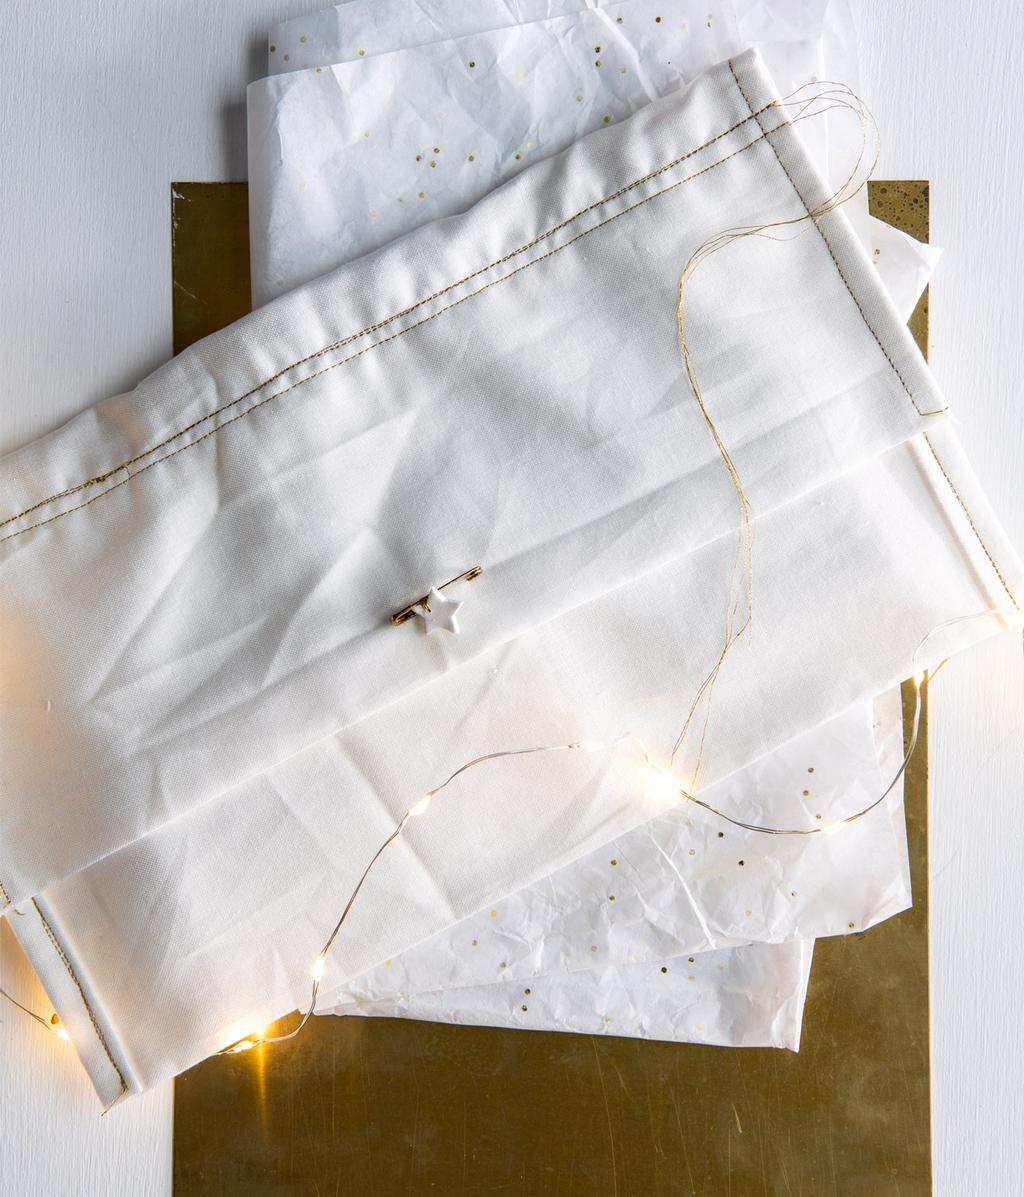 Cadeau tasje | makkelijke kerstdecoraties | DIY | vtwonen 12-2020